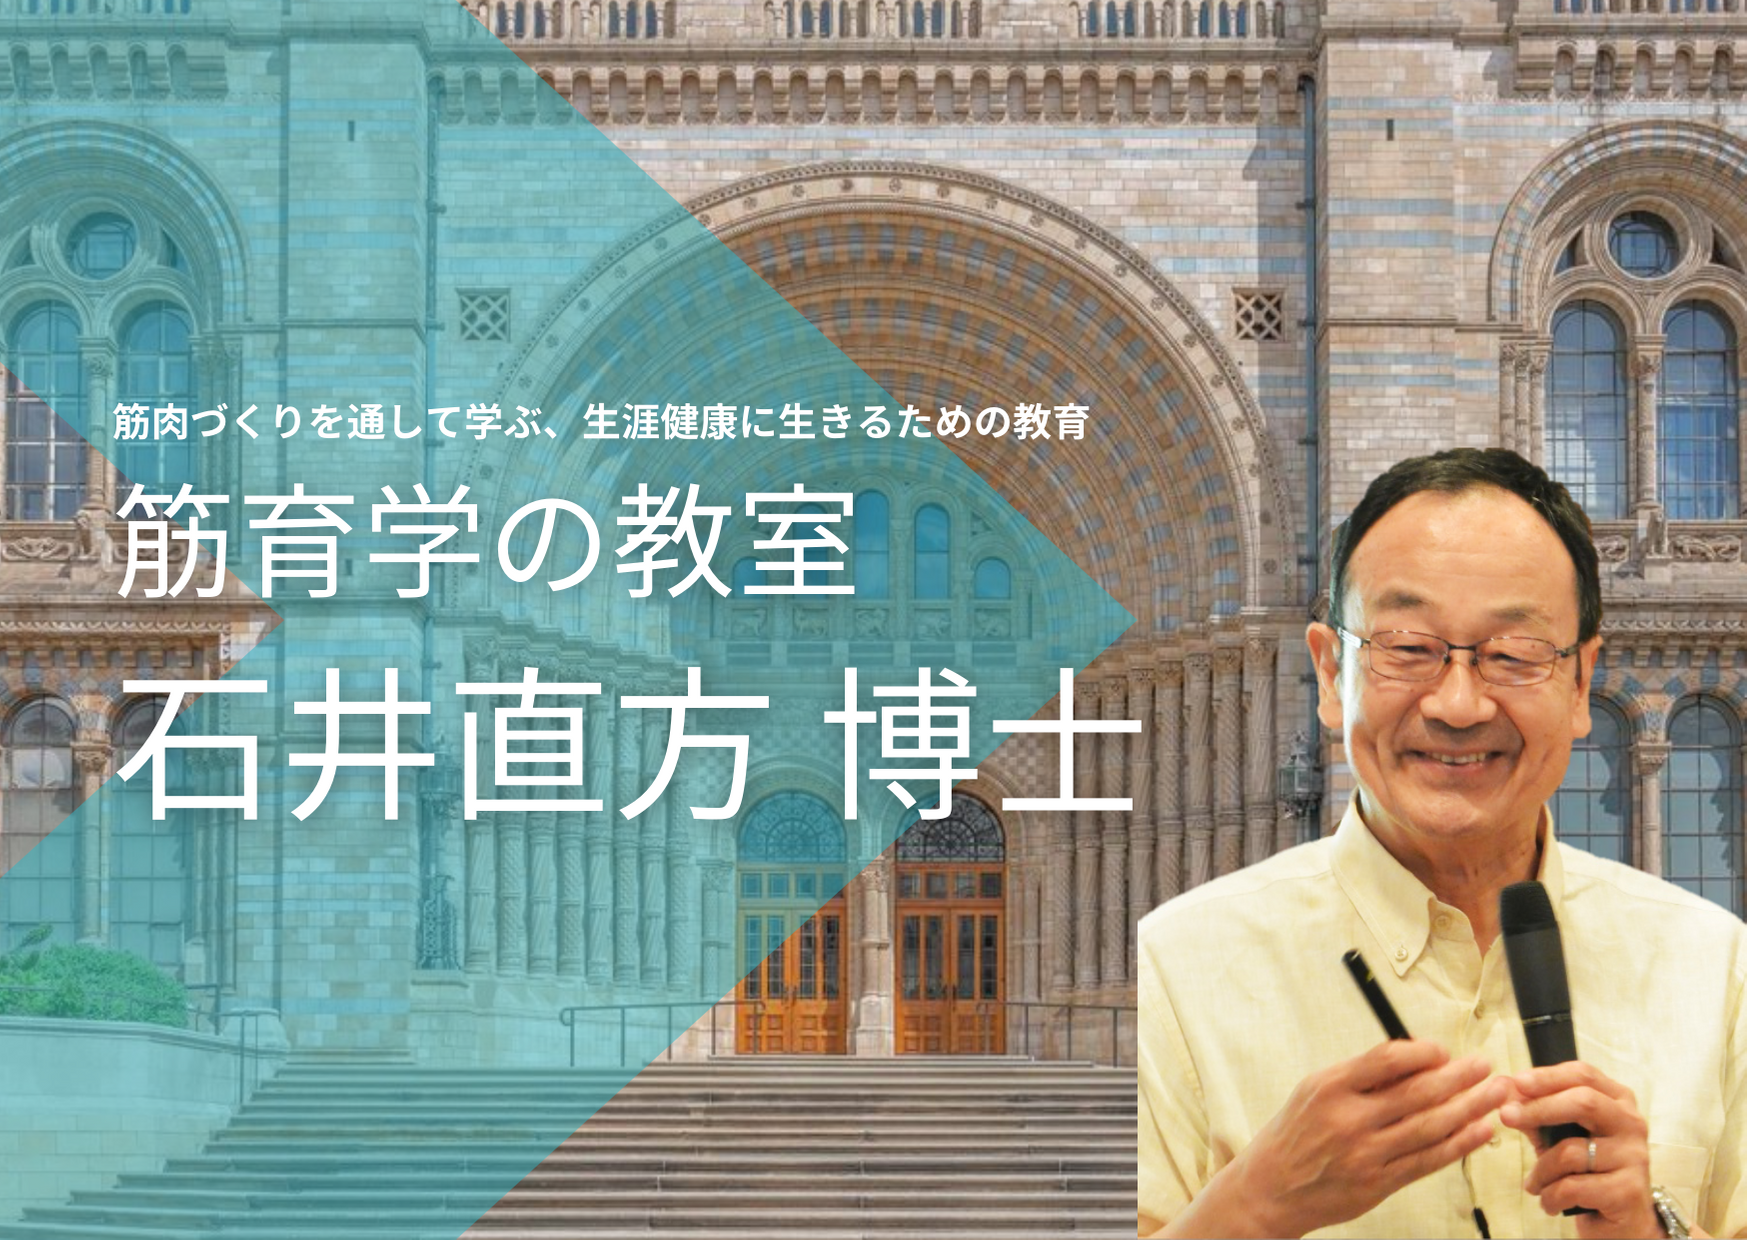 東京大学社会連携講座 講座長 石井 直方 博士